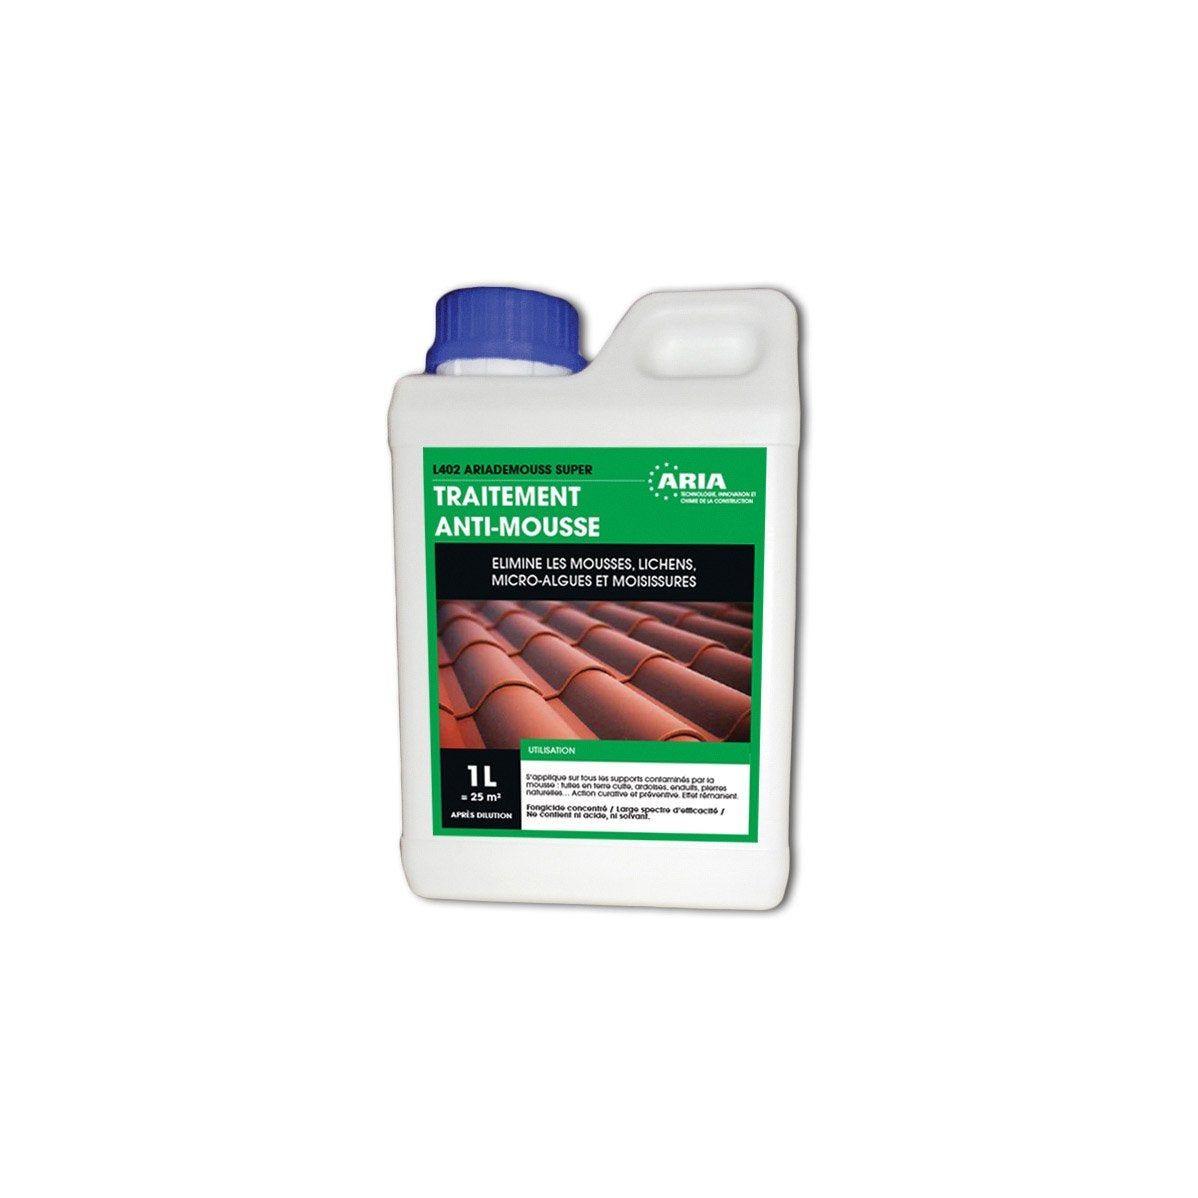 Nettoyant Additif Antimousse Aria 1l Nettoyant Nettoyage Et Produits